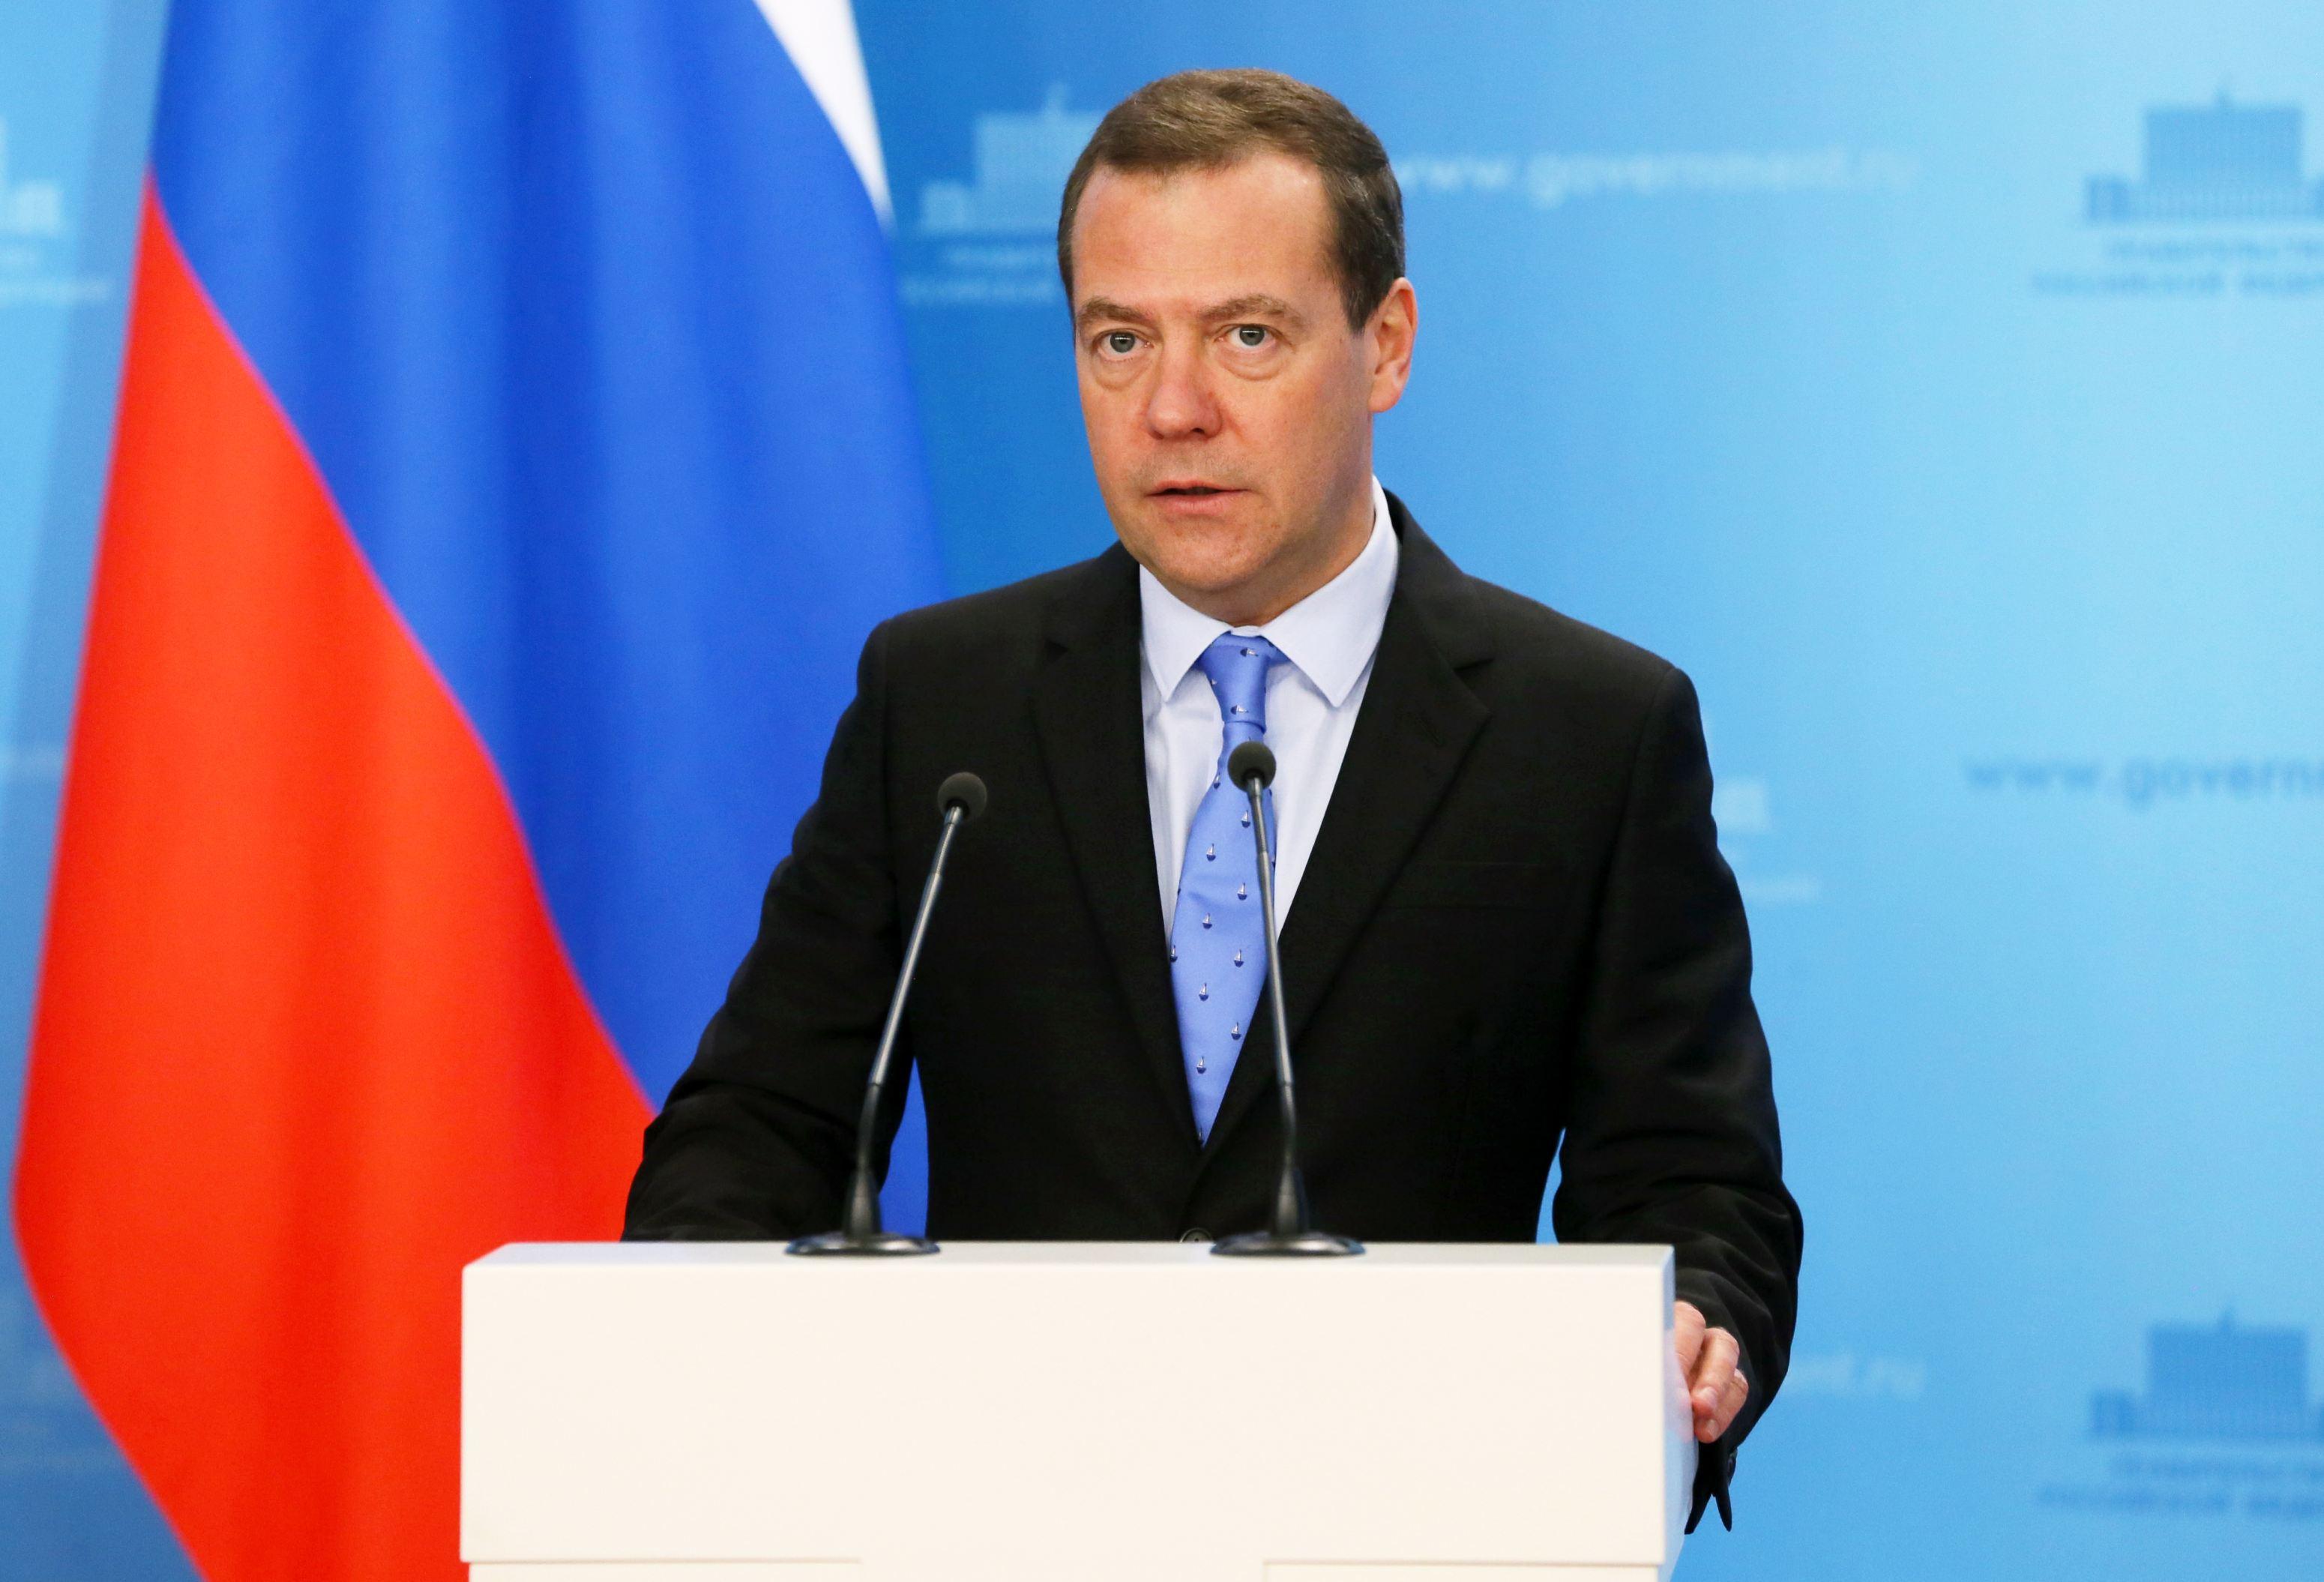 Sancţiunile impuse de SUA nu afectează în mod fundamental Rusia, susţine Dmitri Medvedev